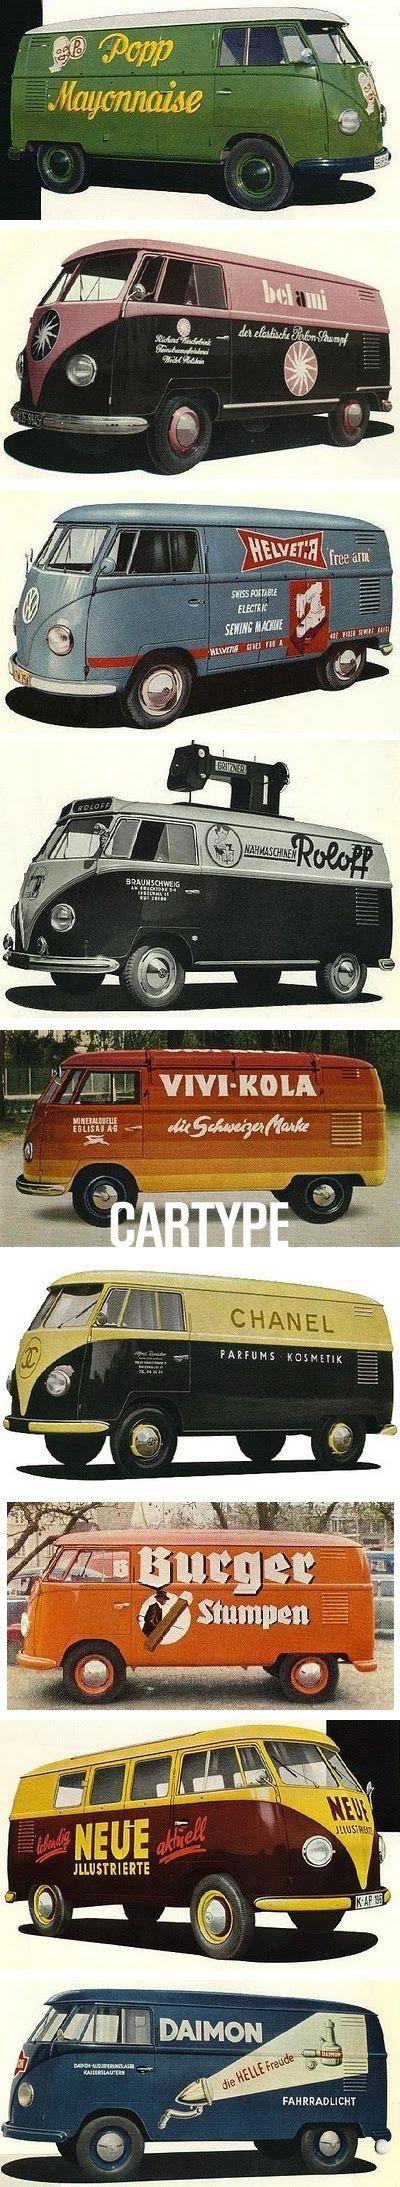 Blog de tomtom :Les gens d'en face ont surement une vie passionnante., CARTYPE : la nostalgie du combi/bus VW